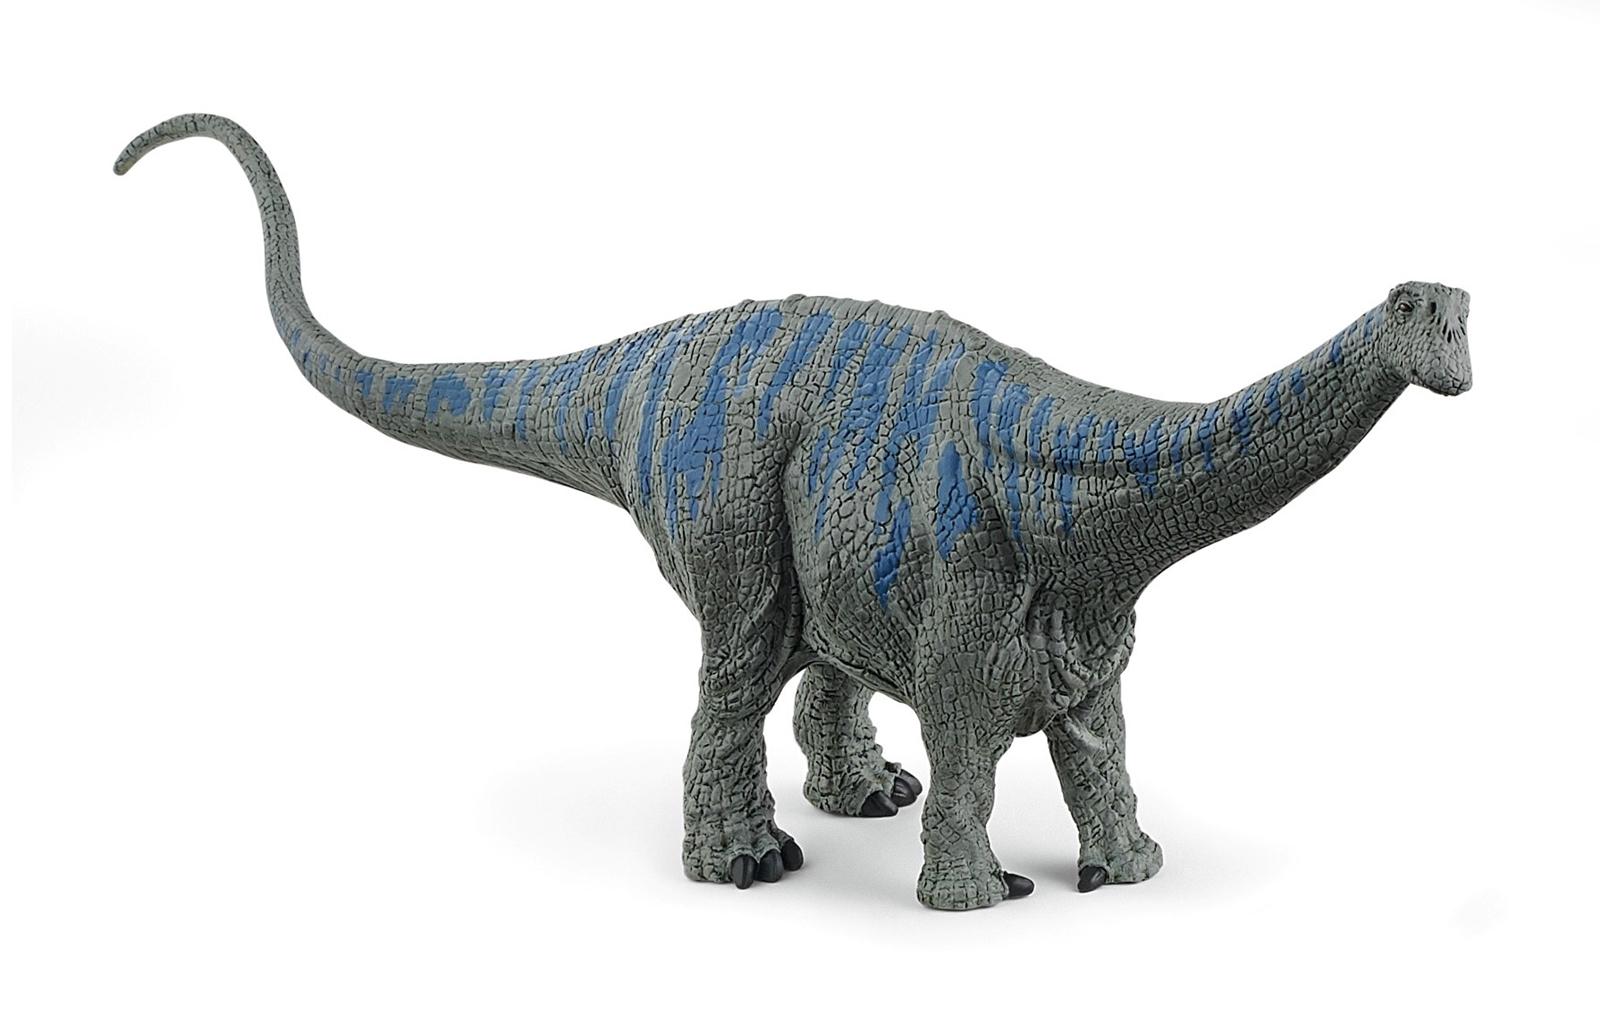 ブロントサウルス 価格:3,278円(税込)